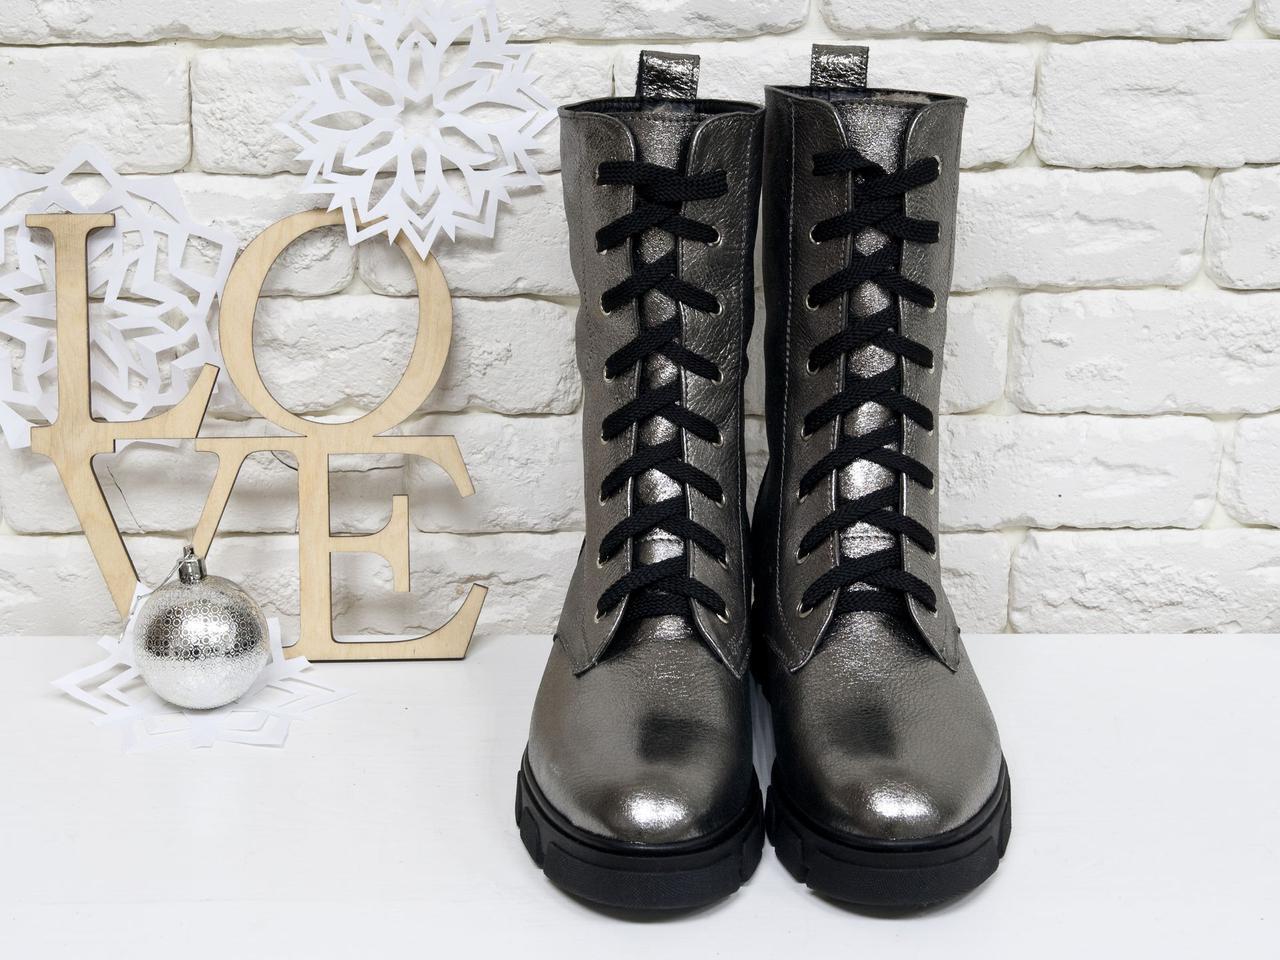 Ботинки женские на шнуровке из натуральной кожи платинового цвета.